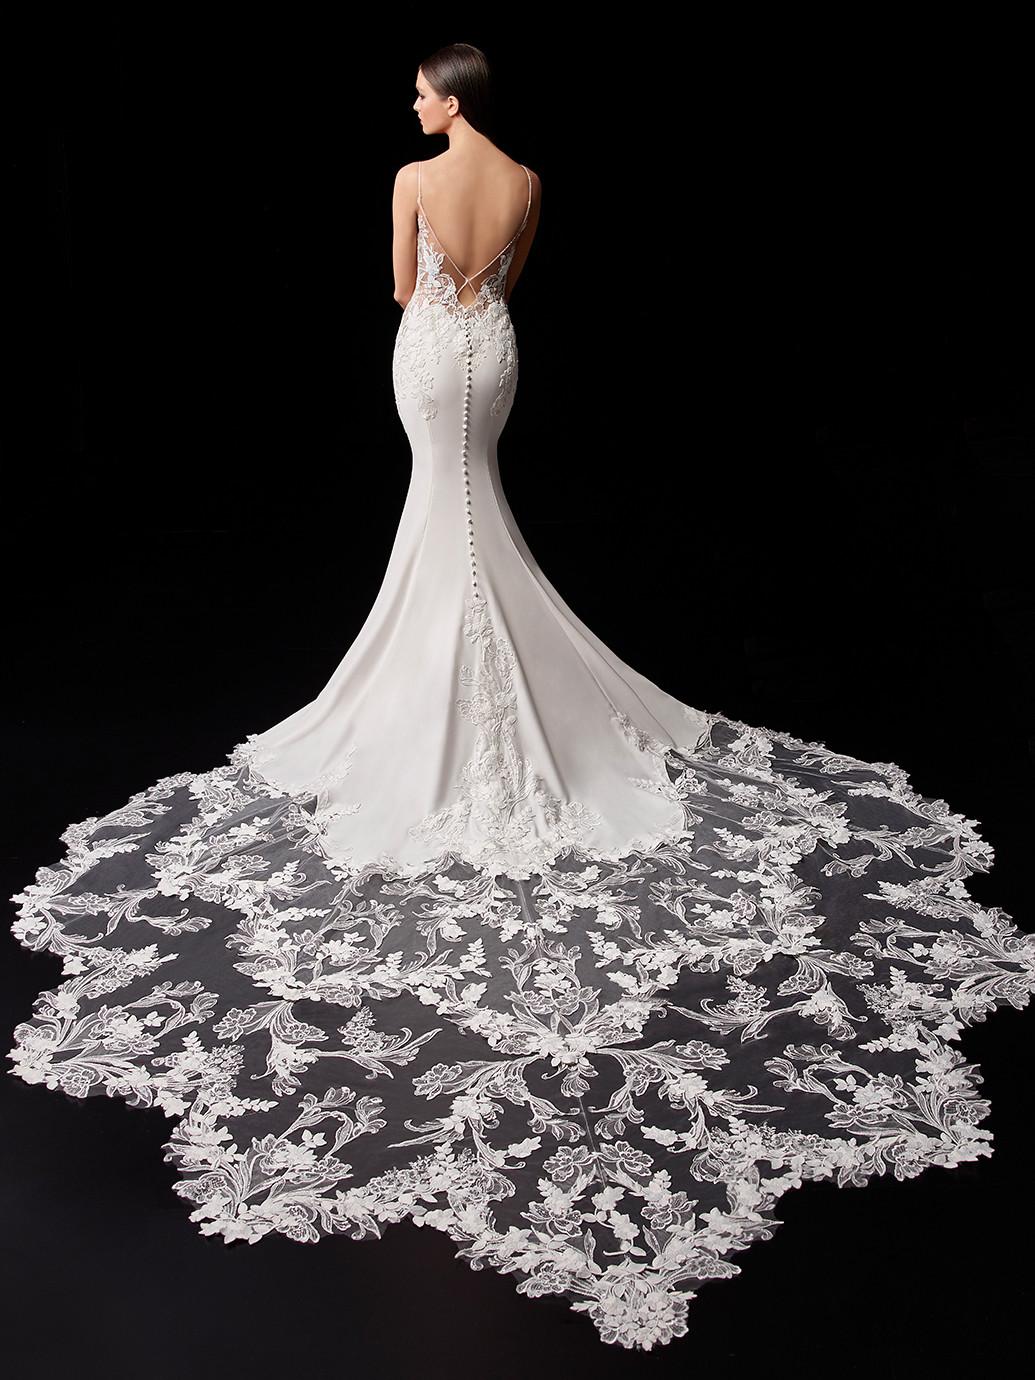 Weißes Brautkleid mit transparentem Spitzentop, Spaghettiträgern, Schleppe und abnehmbarem Cape von Enzoani, Modell Pearl